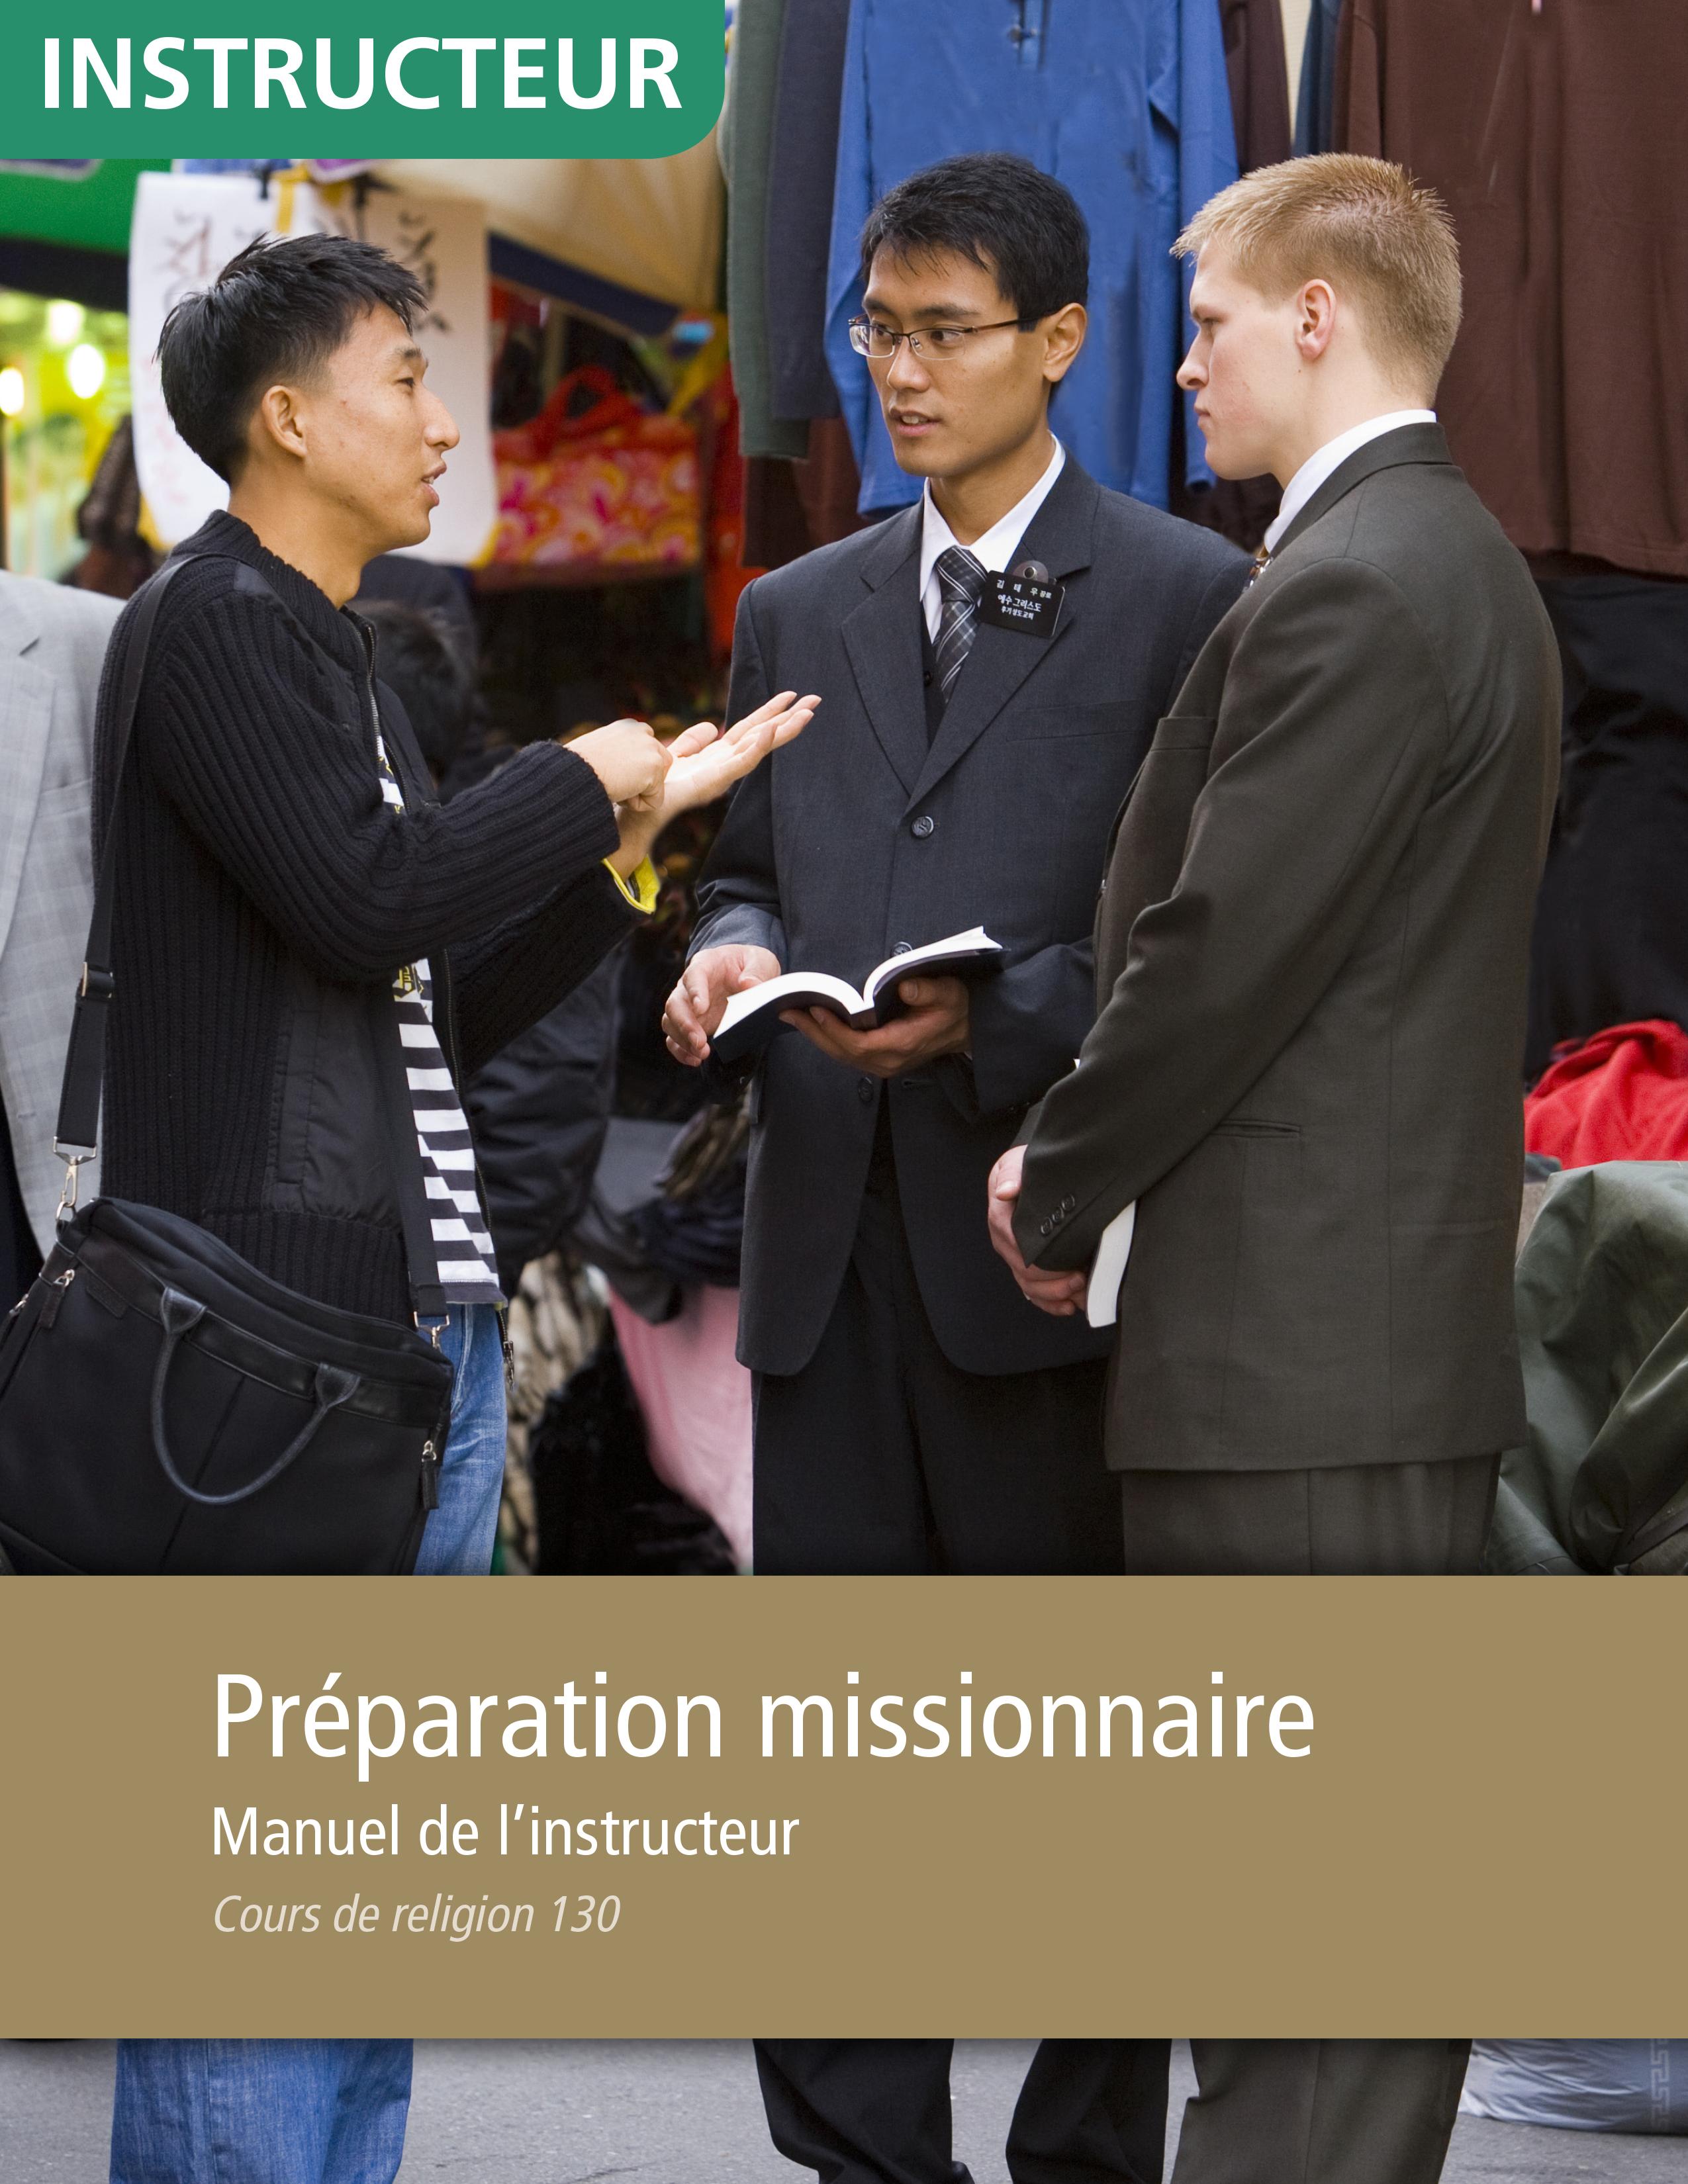 Préparation missionnaire, manuel de l'instructeur (Religion 130)